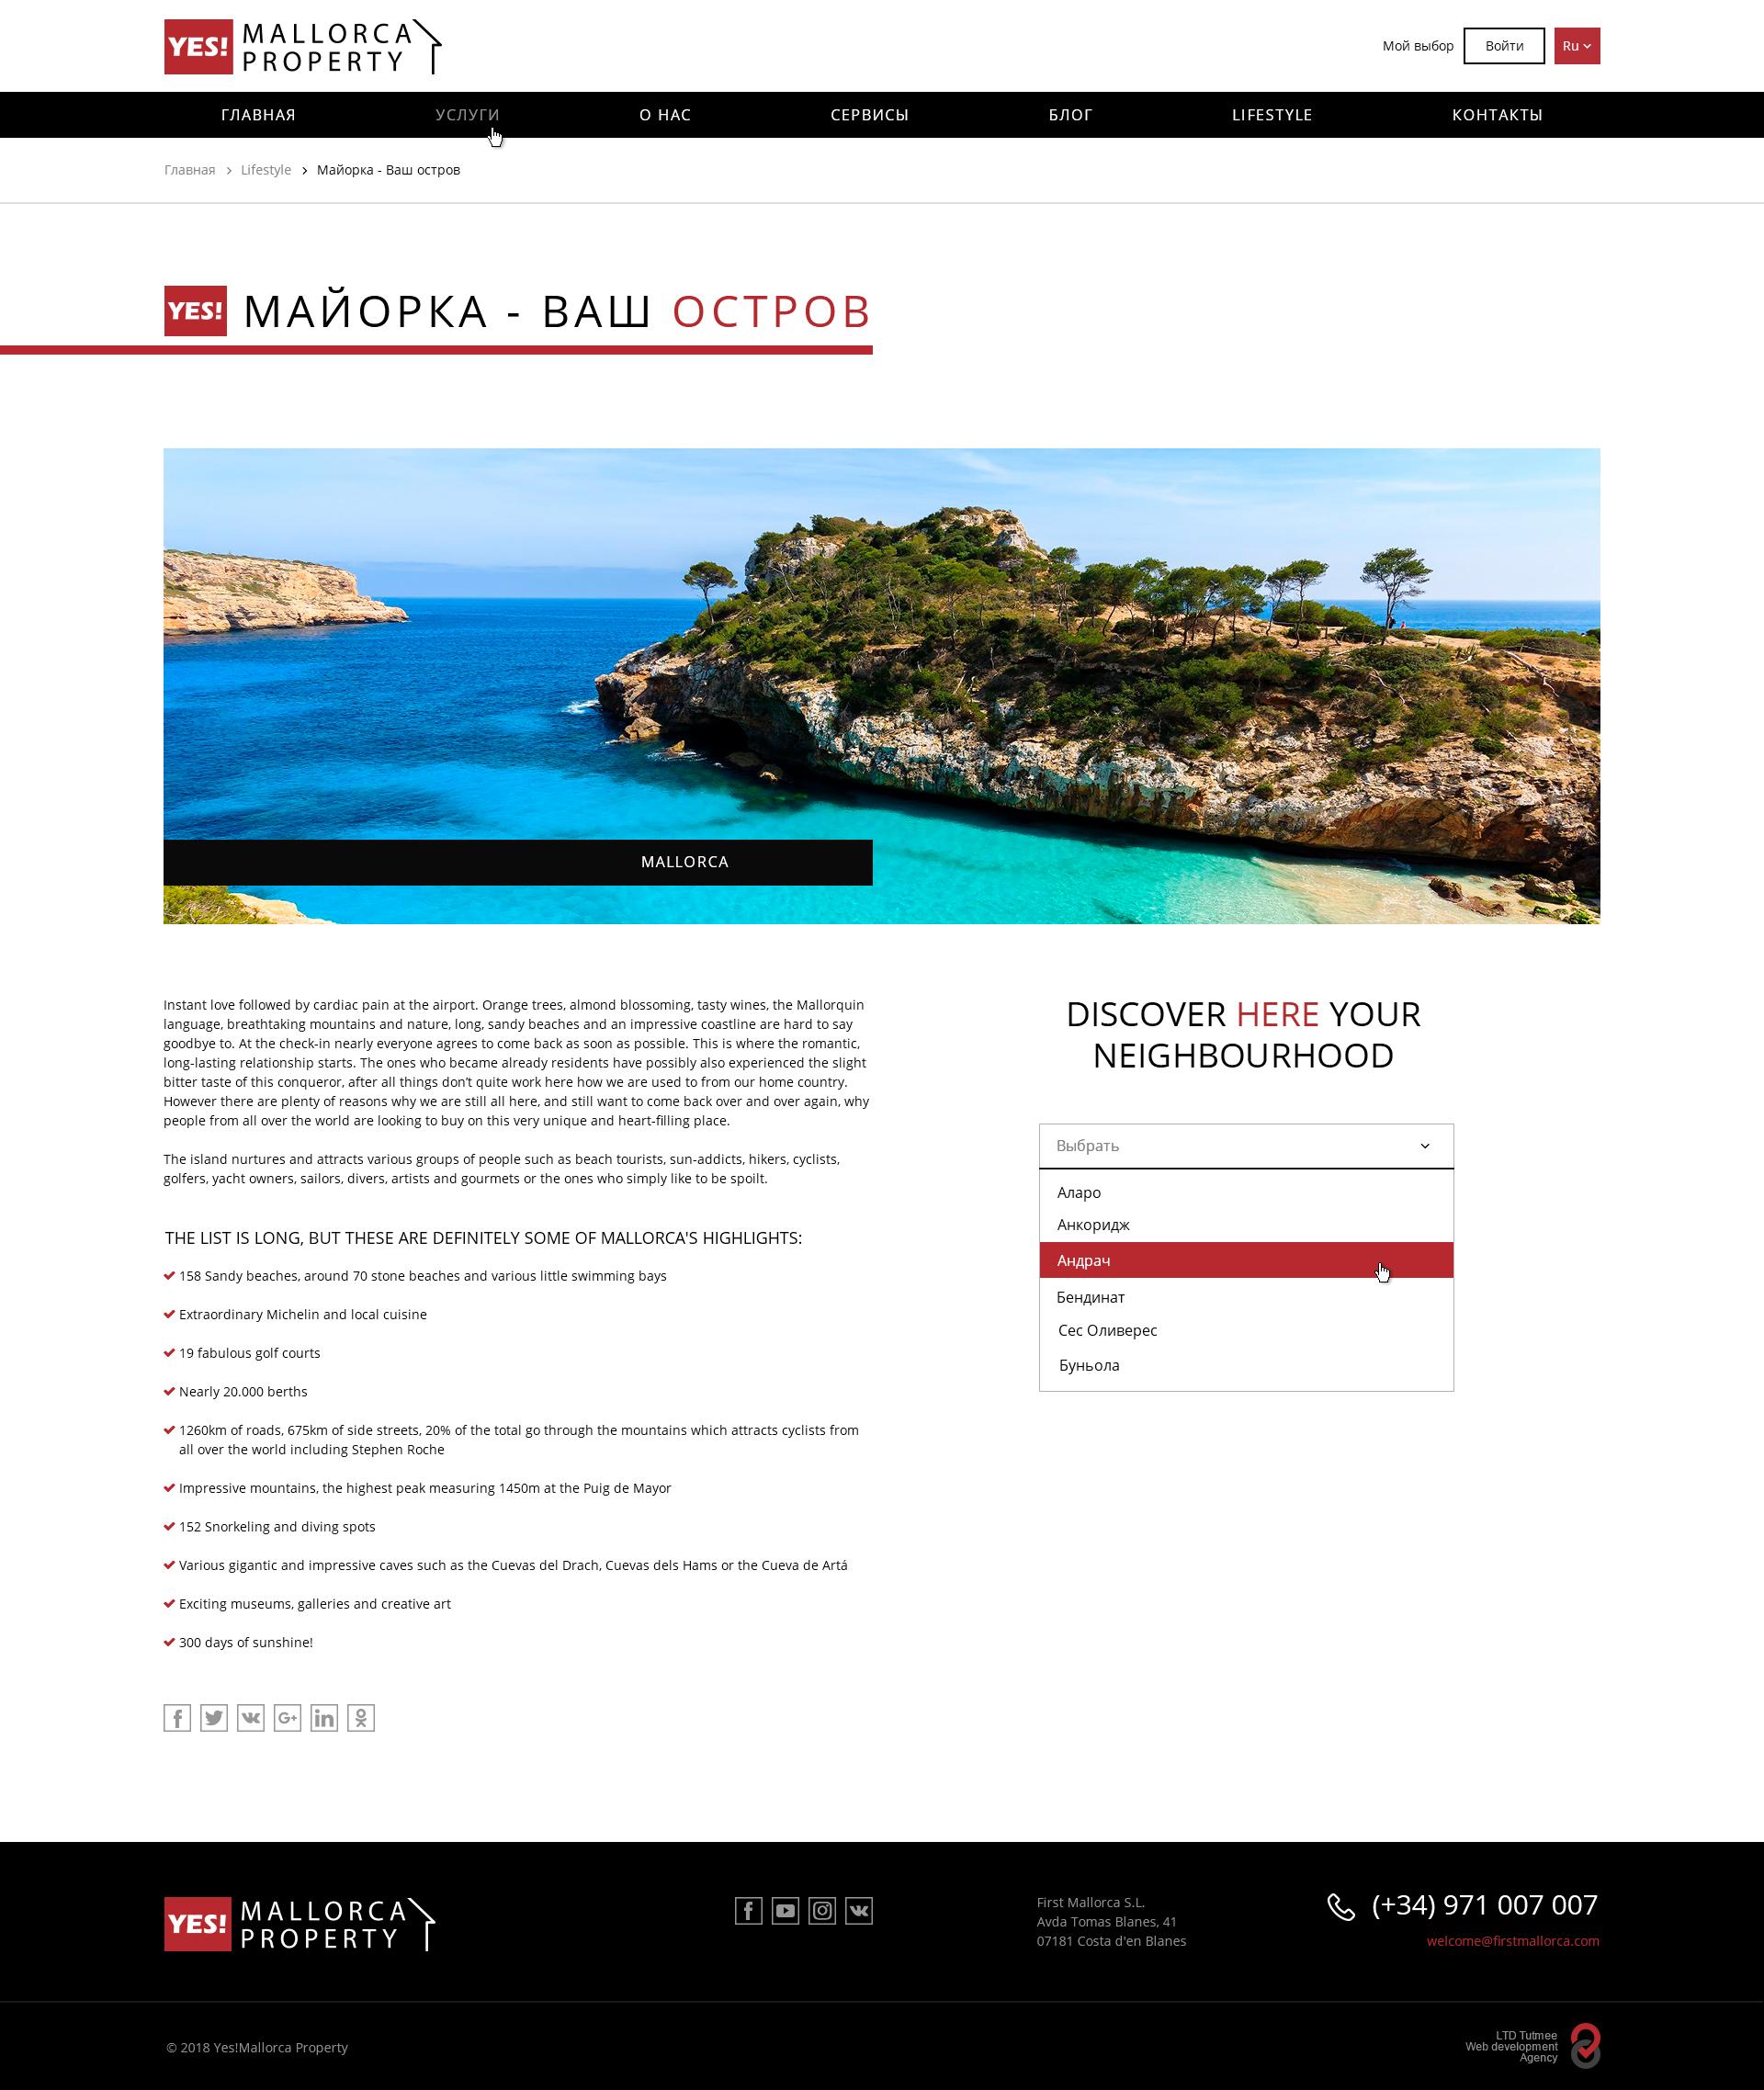 Адаптивный сайт под ключ - Продажа недвижимости на Майорке